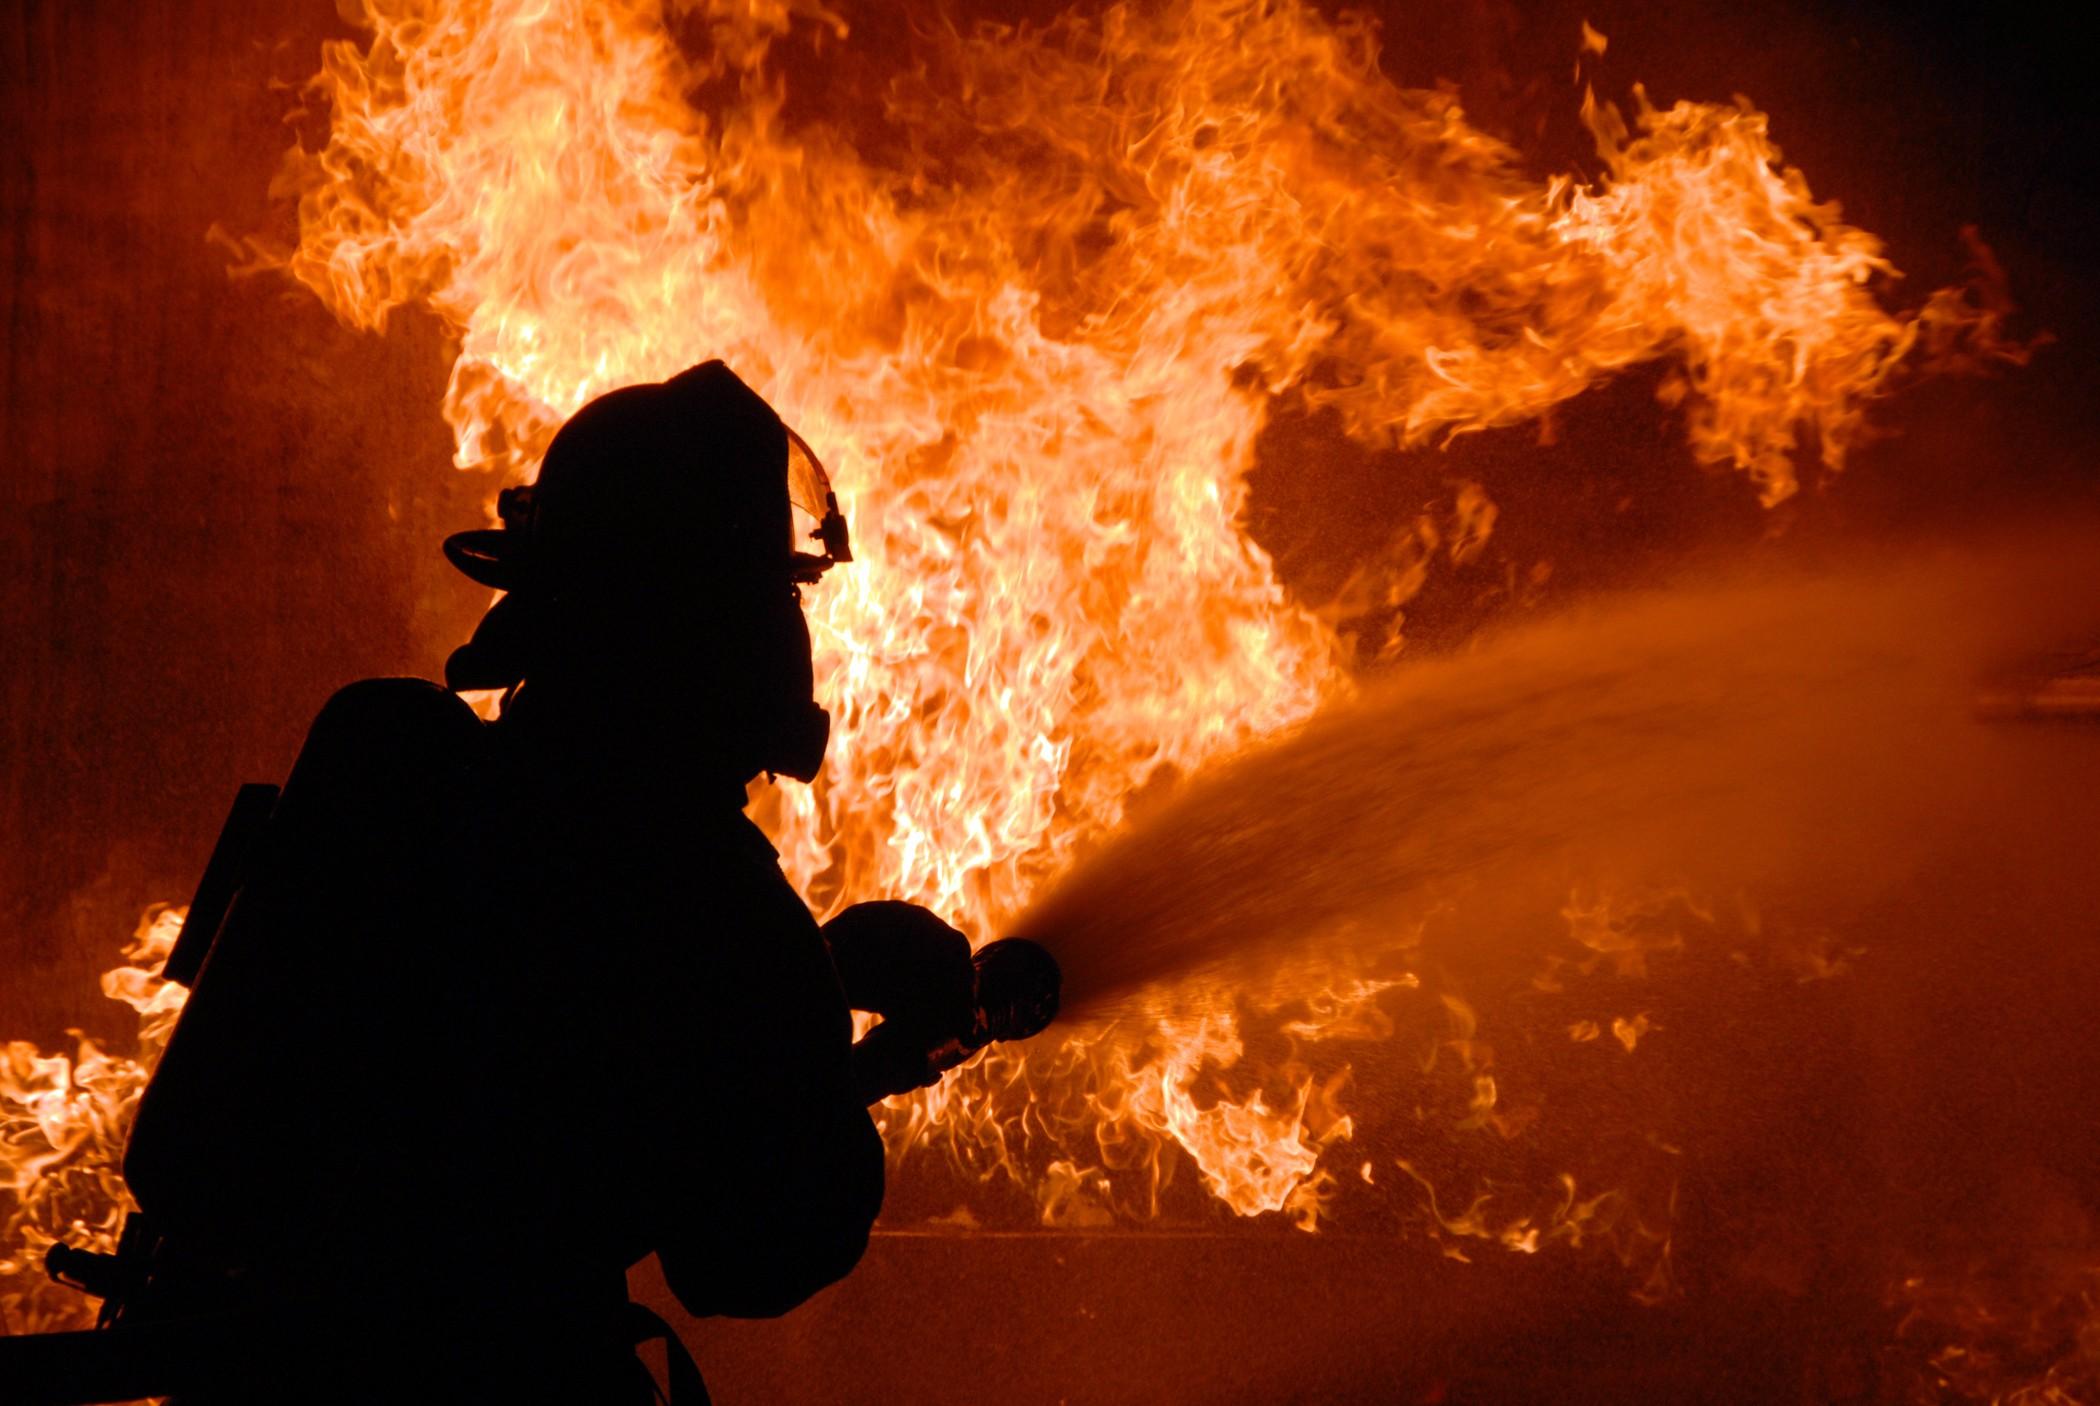 Число пропавших спасателей впожаре наскладе в столице возросло до 8